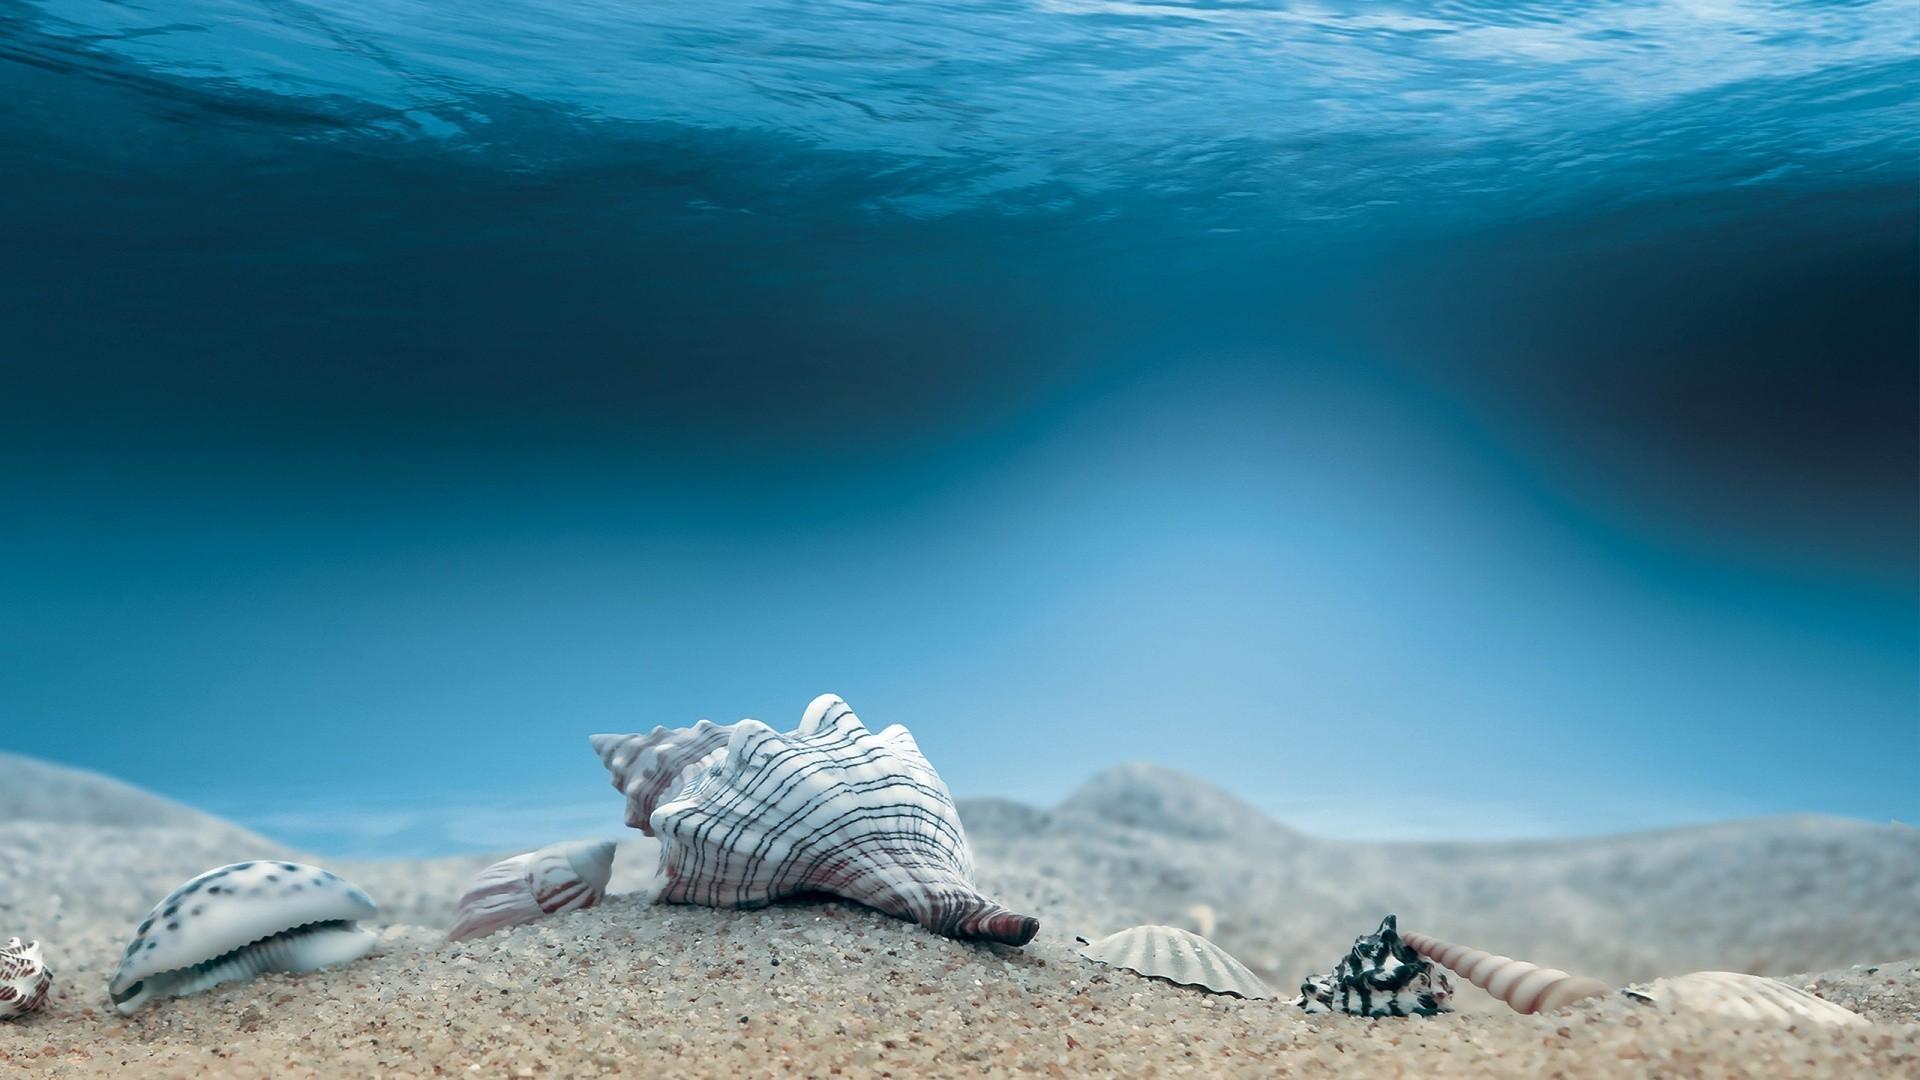 Res: 1920x1080, Ocean Life and Under Water Desktop Wallpapers